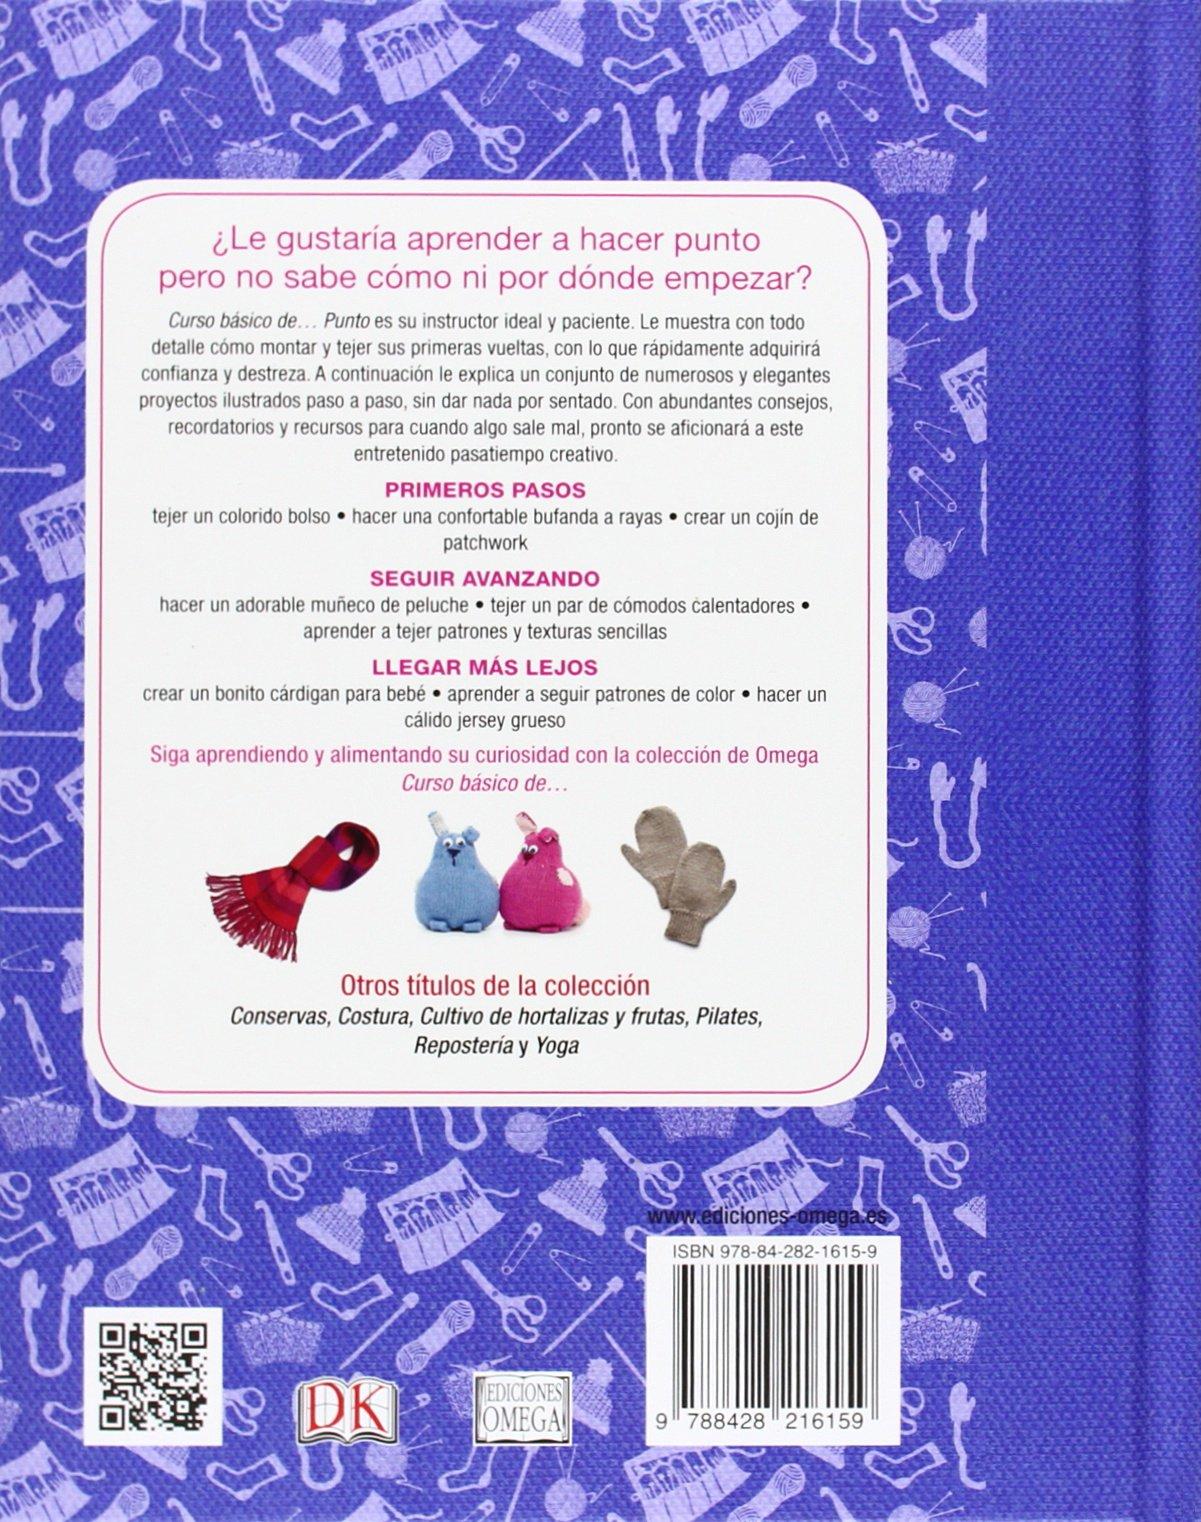 Curso Básico De... Punto (Cursos básicos): Amazon.es: Susie Johns, T ...